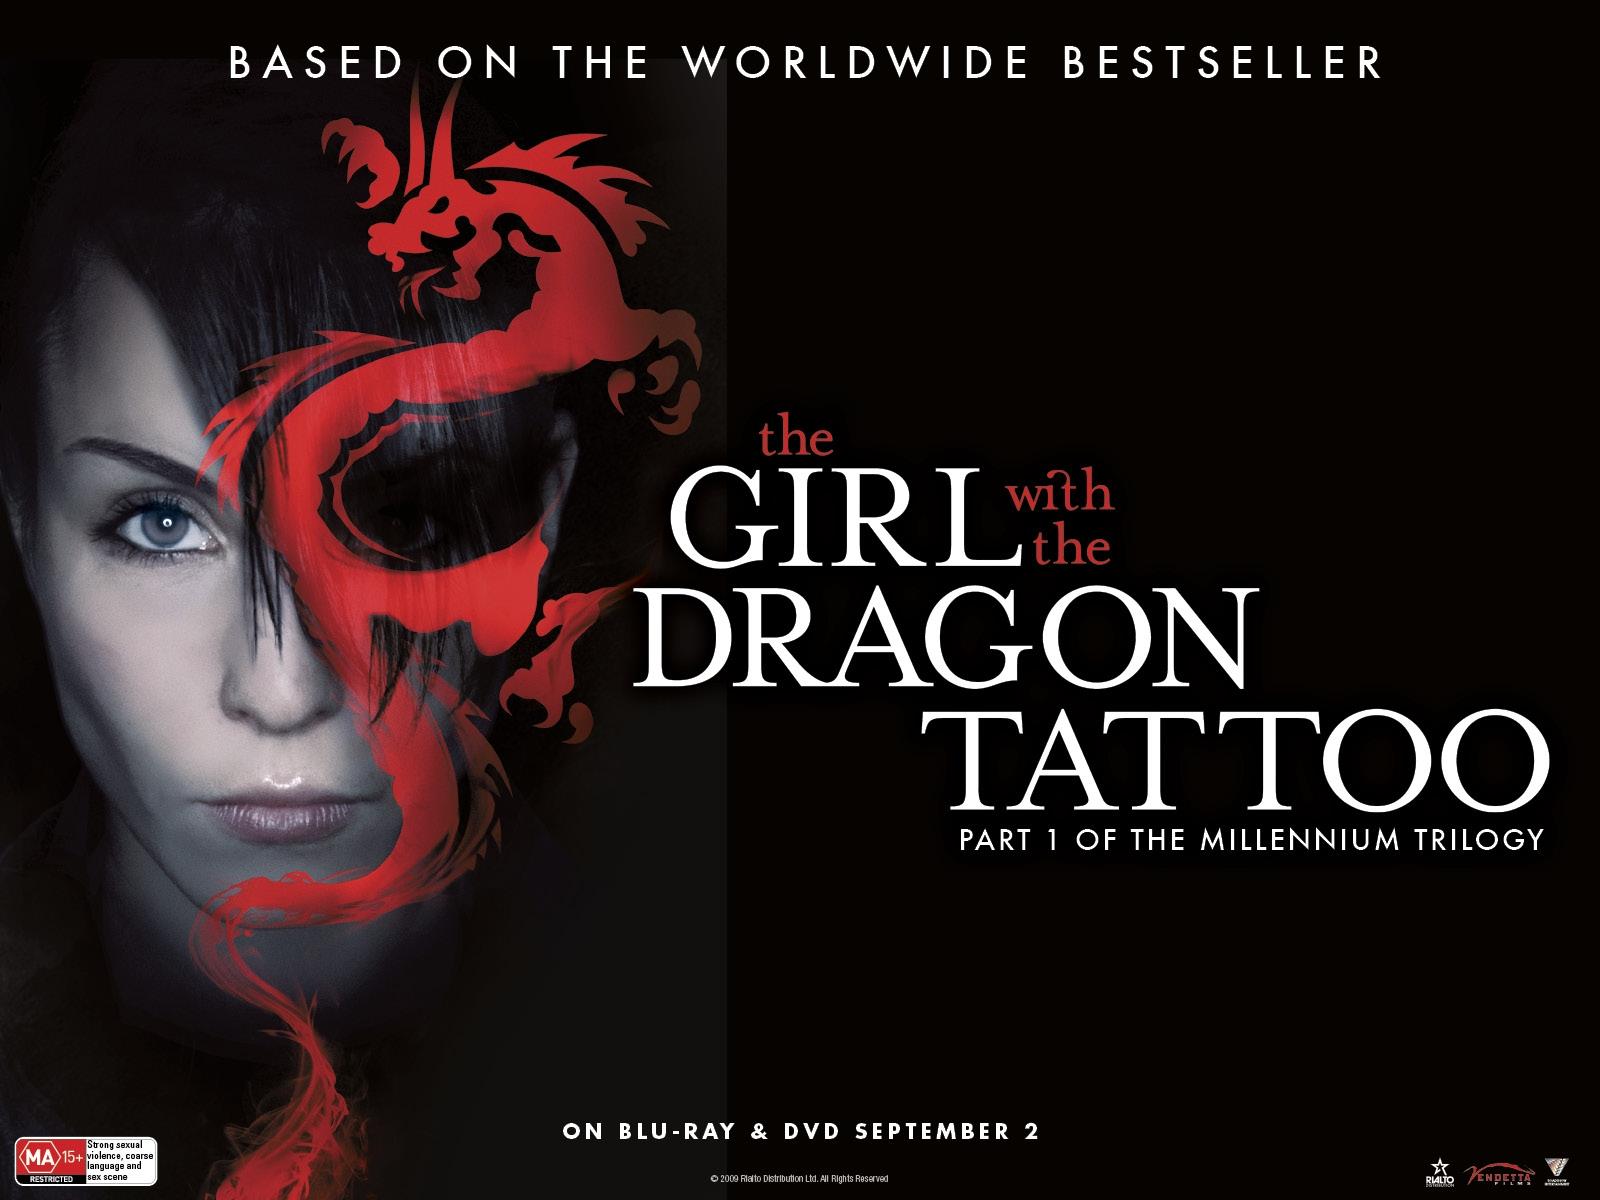 http://3.bp.blogspot.com/-m5BdTGFHiu0/TVmua5qGXNI/AAAAAAAAAD4/s5sGvFYee3o/s1600/The-Girl-With-the-Dragon-Tattoo-wallpaper.jpg